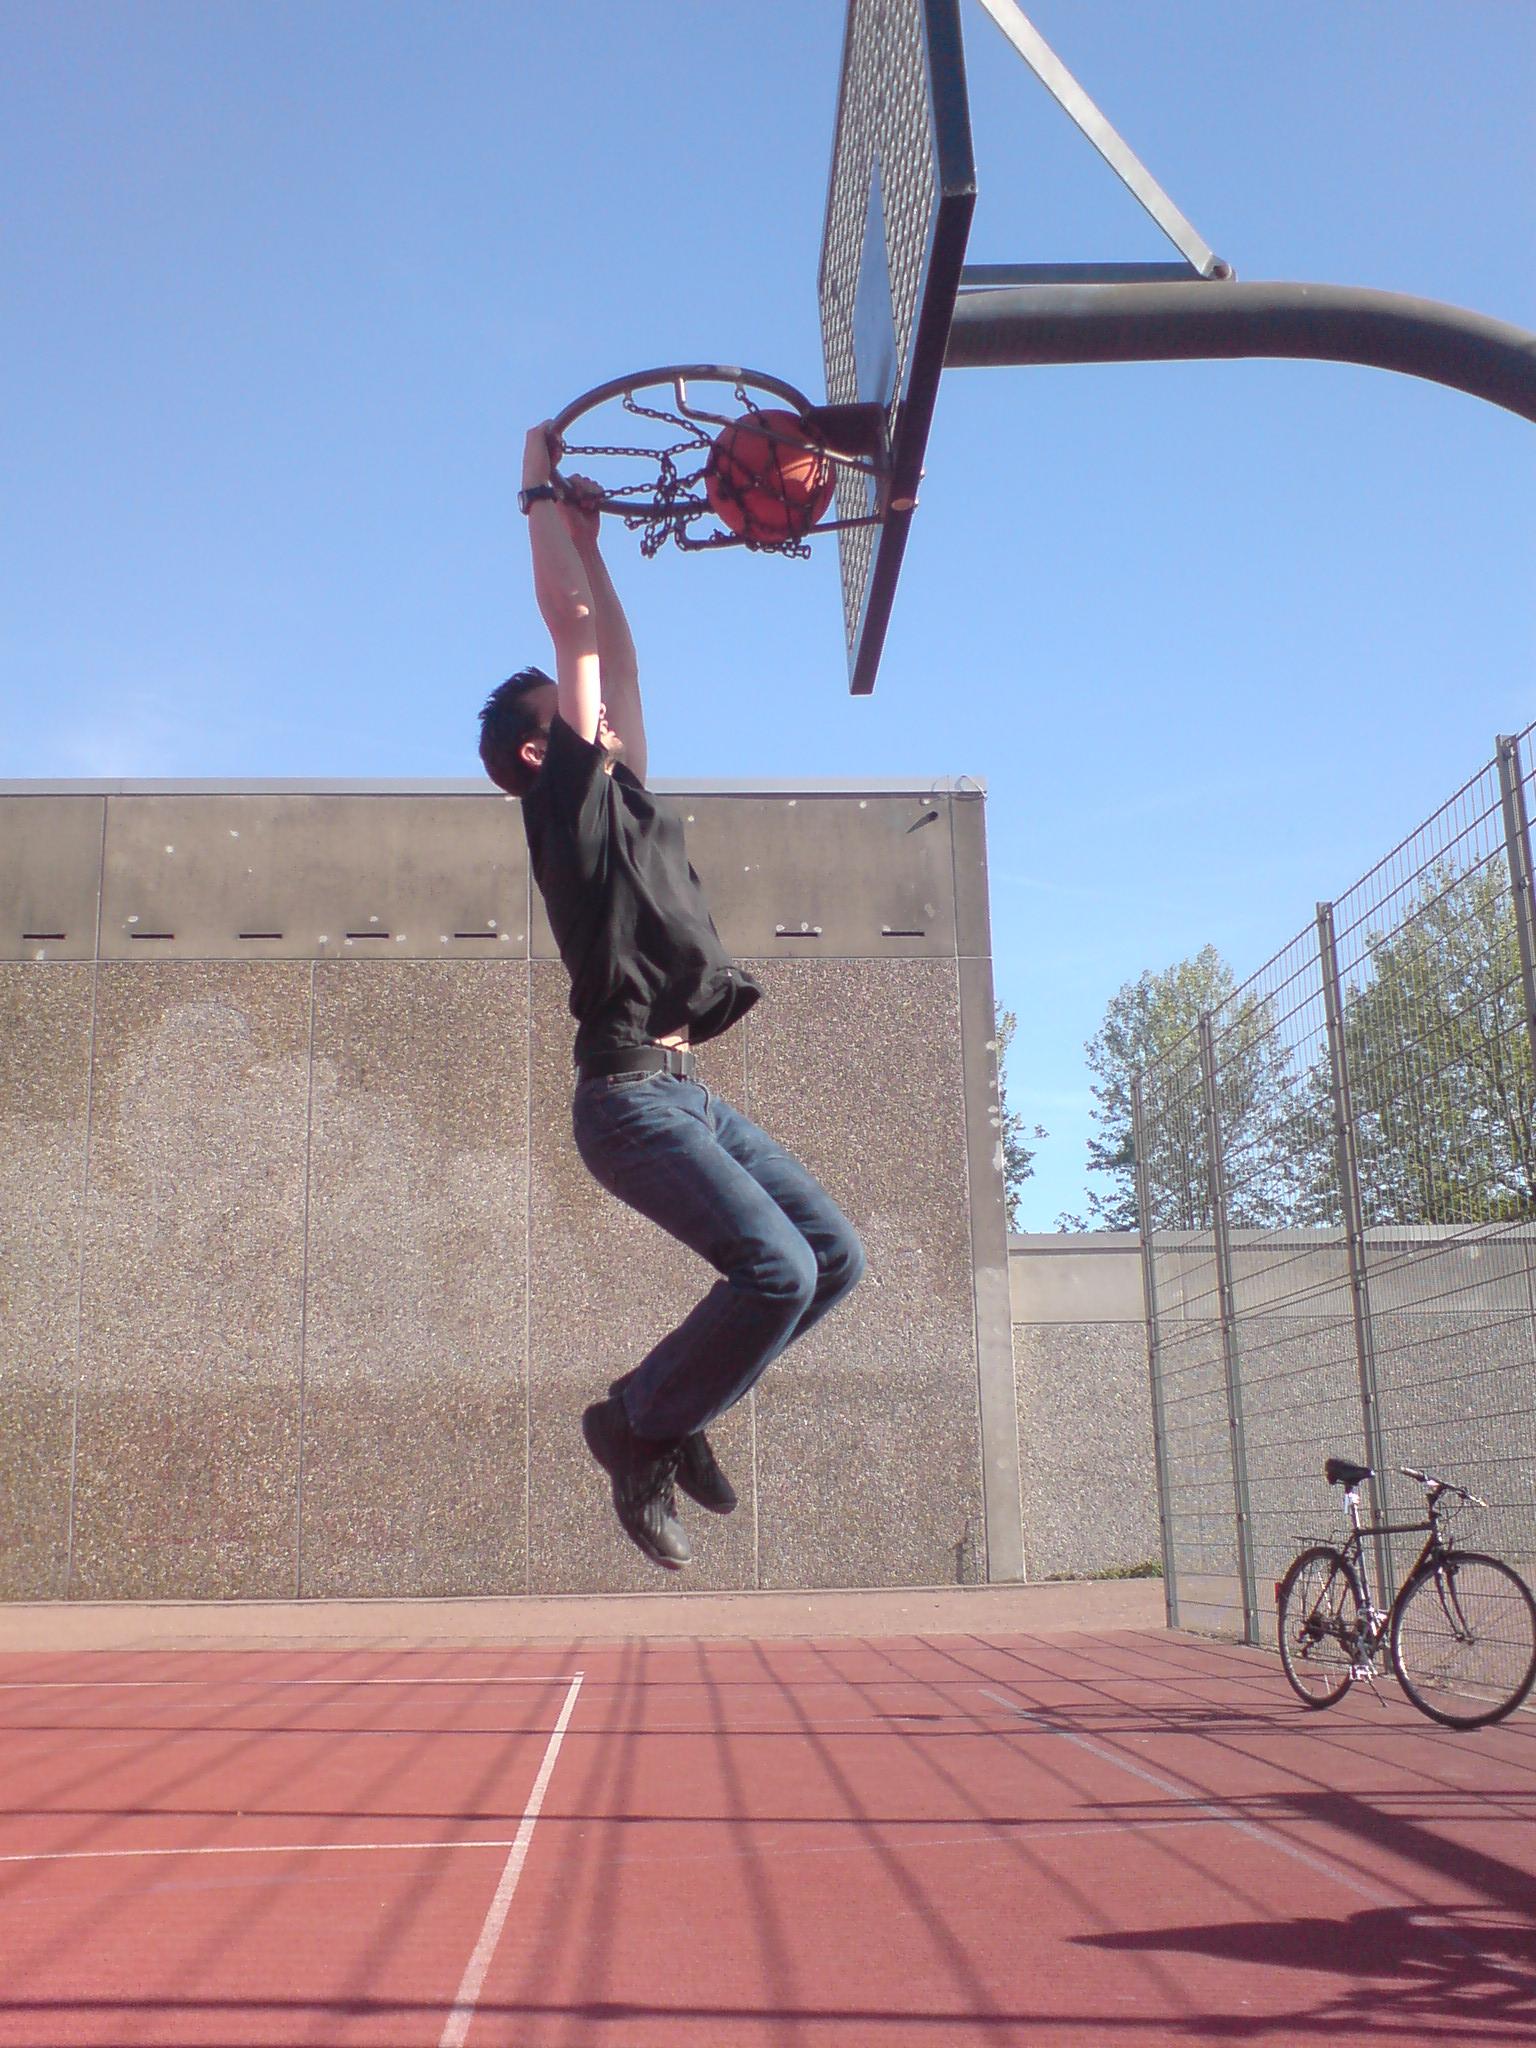 détaillant en ligne e4c54 c25d4 Slam dunk — Wikipédia